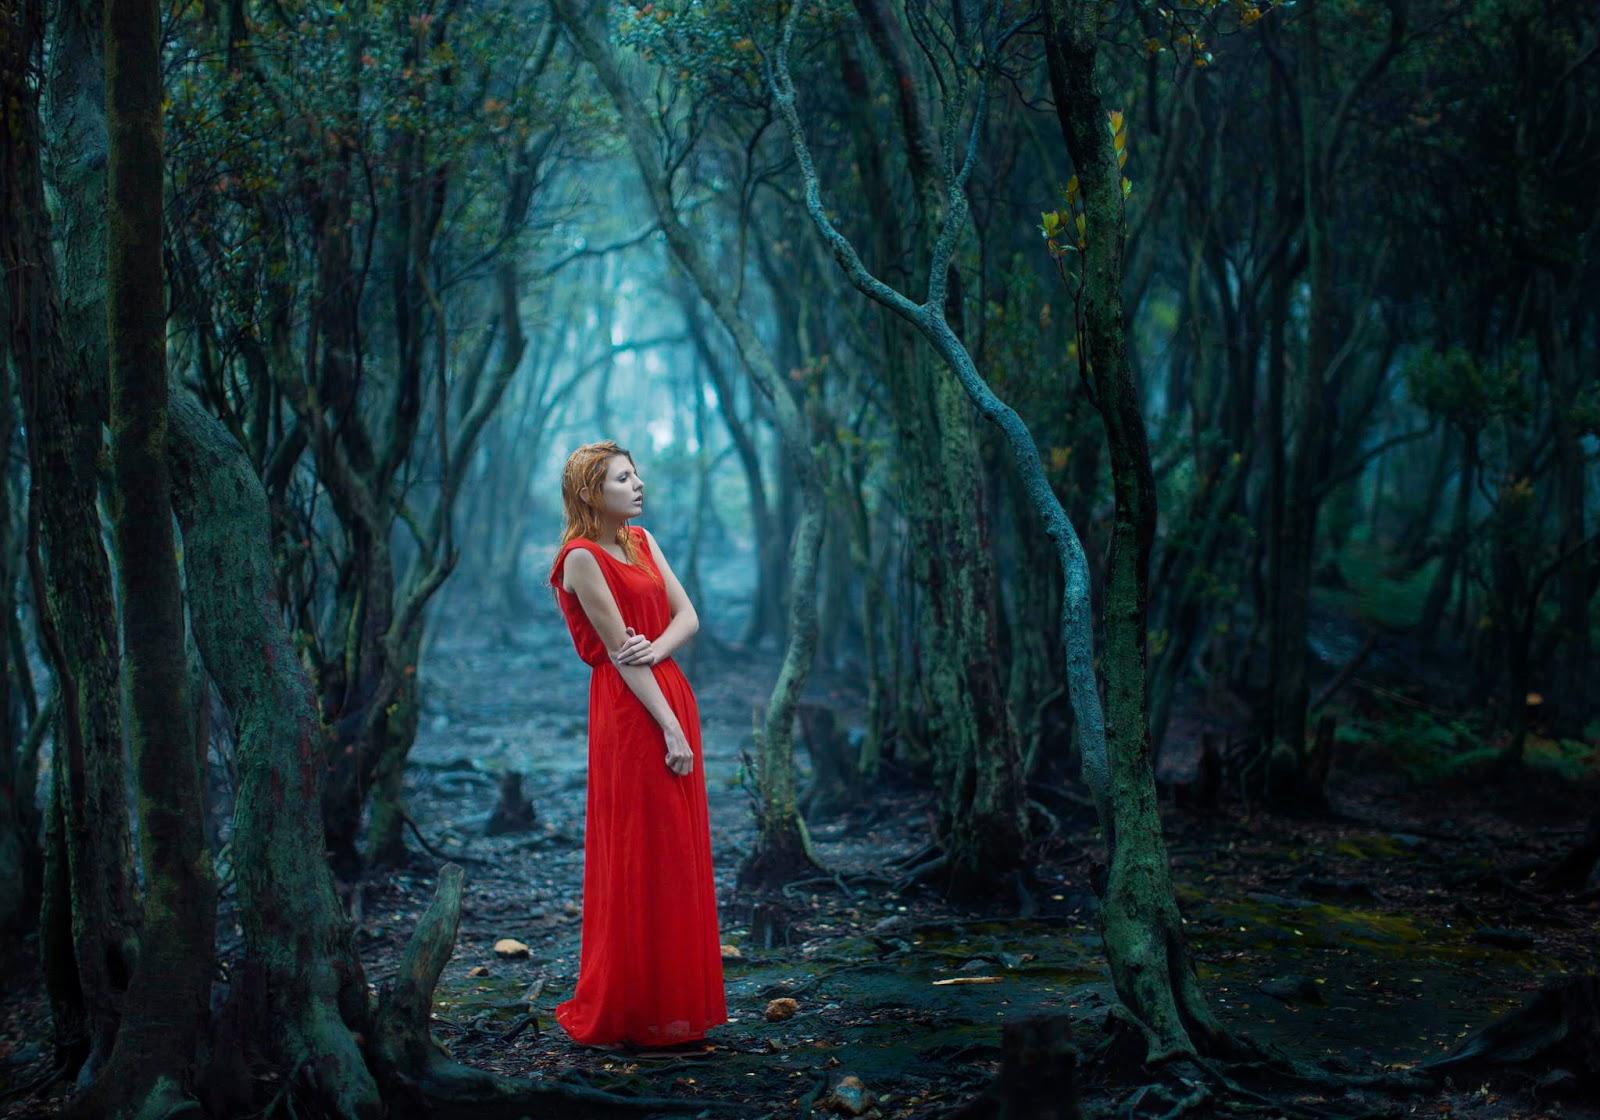 photo de Katerina Plotnikova d'une jeune femme en robe rouge dans la foret